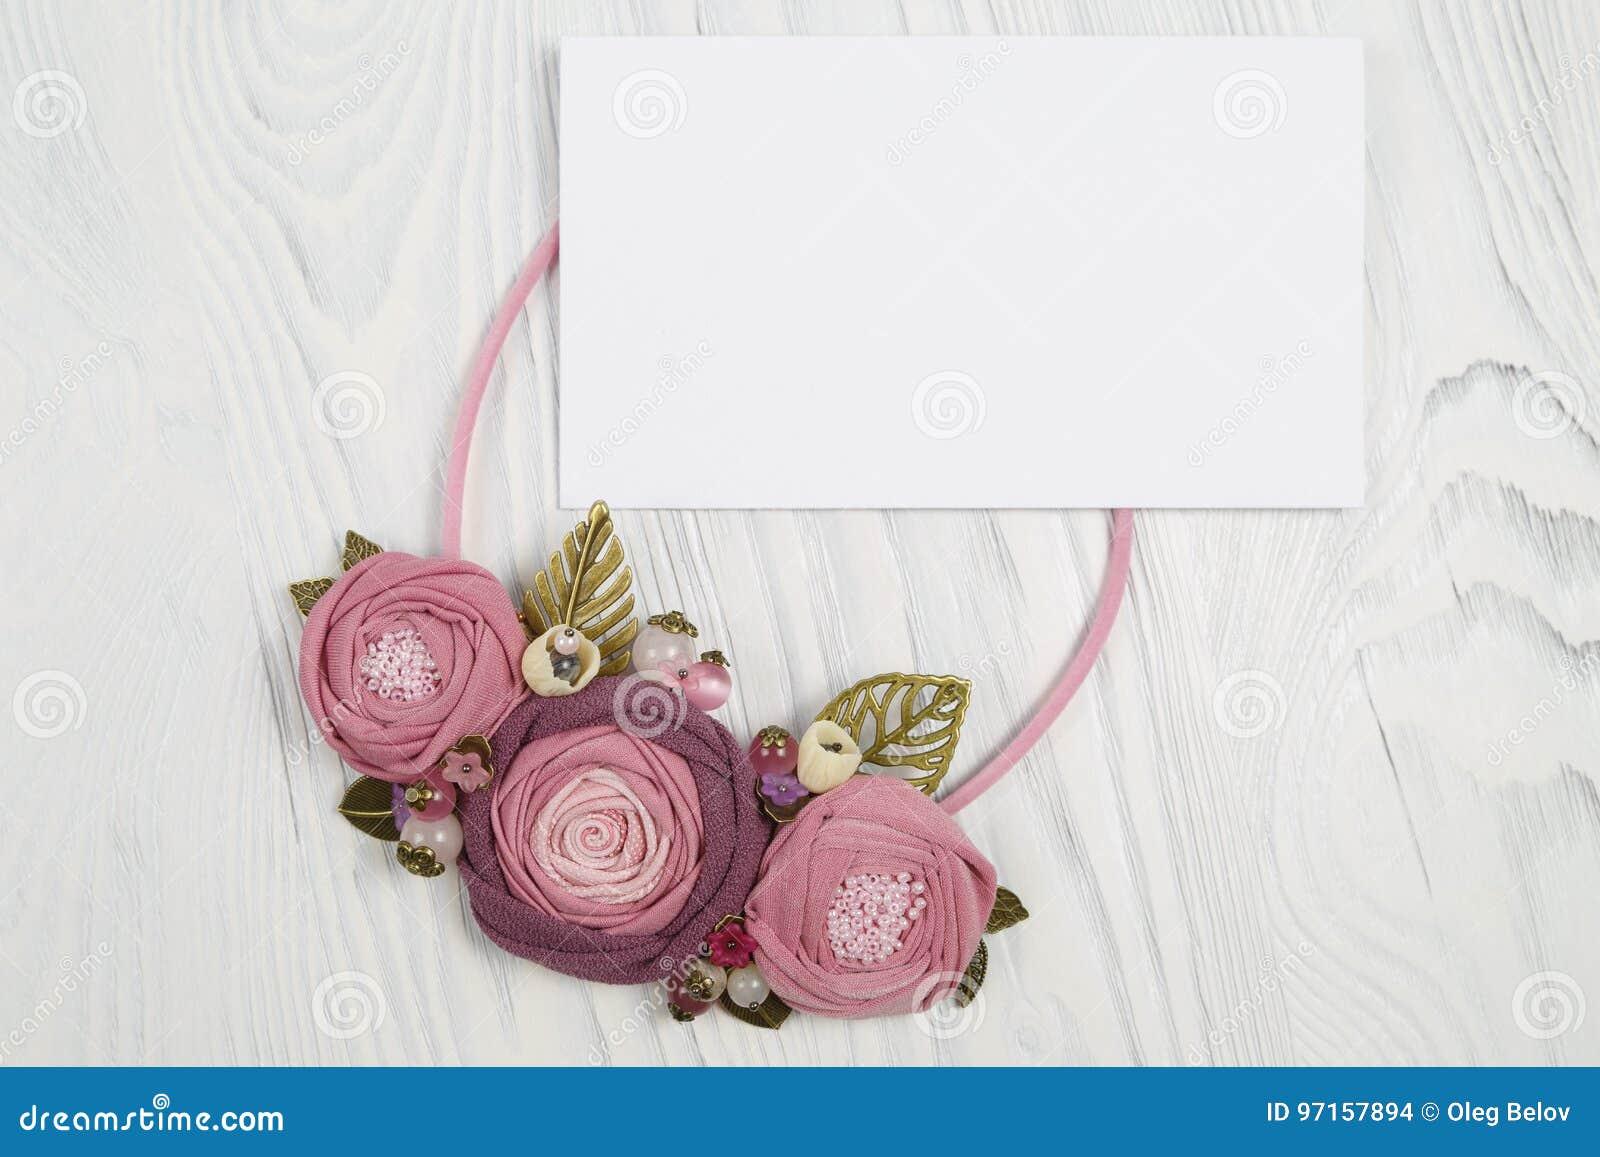 Ha Fiori Bianchi E Rosa.La Collana Fatta A Mano Con Il Rosa Ha Colorato I Fiori Che Si